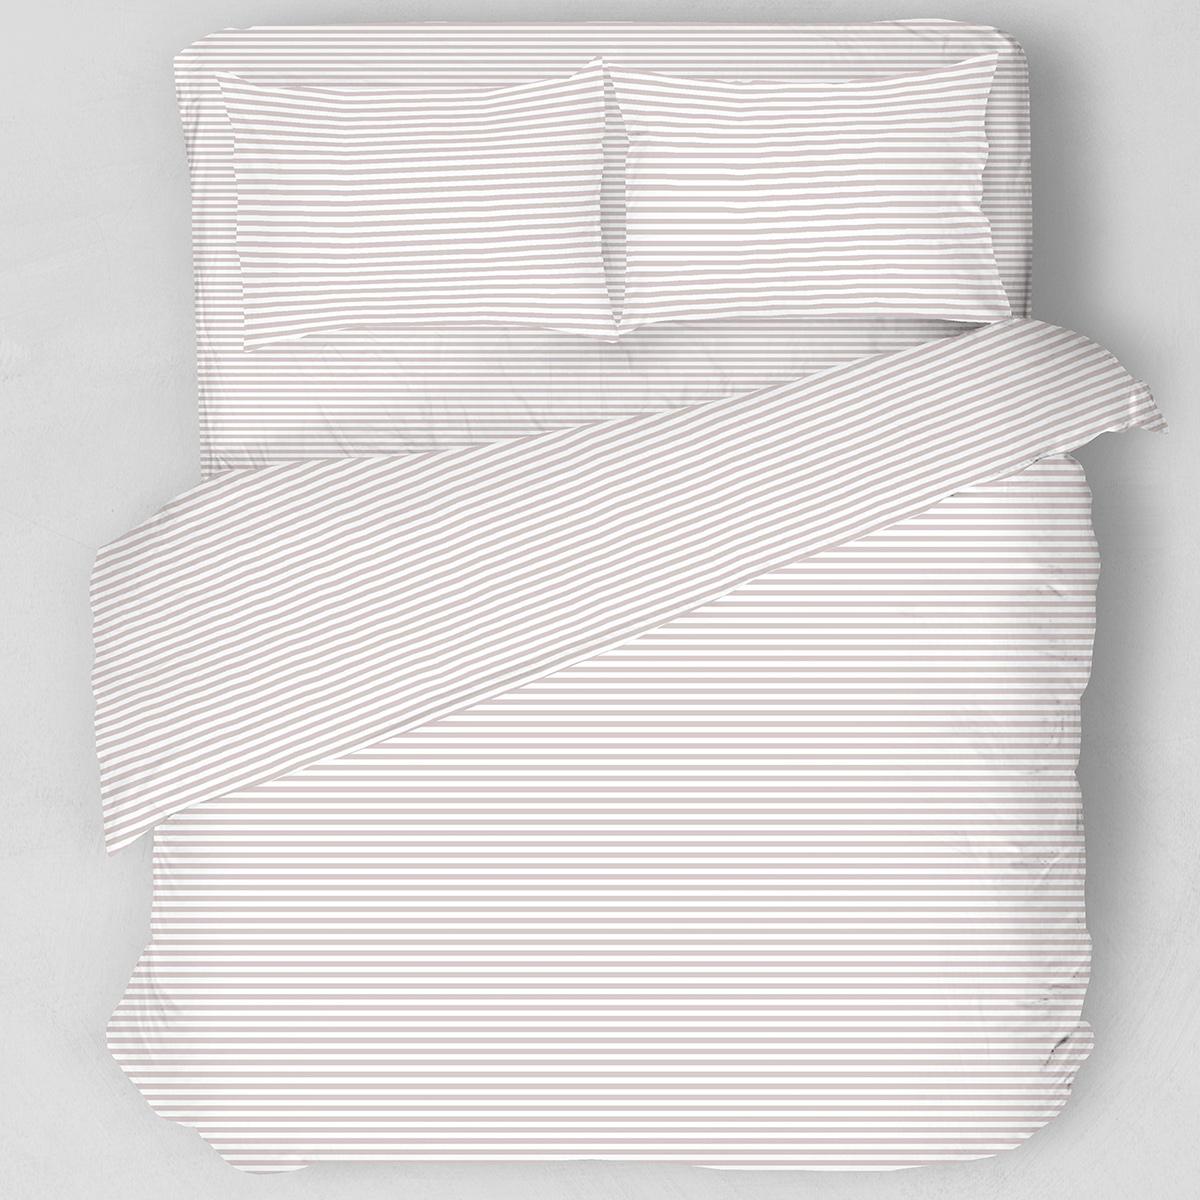 Σεντόνια Υπέρδιπλα (Σετ) Melinen Stripes Apple Brown ΜΕ ΛΑΣΤΙΧΟ 160×200+32 ΜΕ ΛΑΣΤΙΧΟ 160×200+32